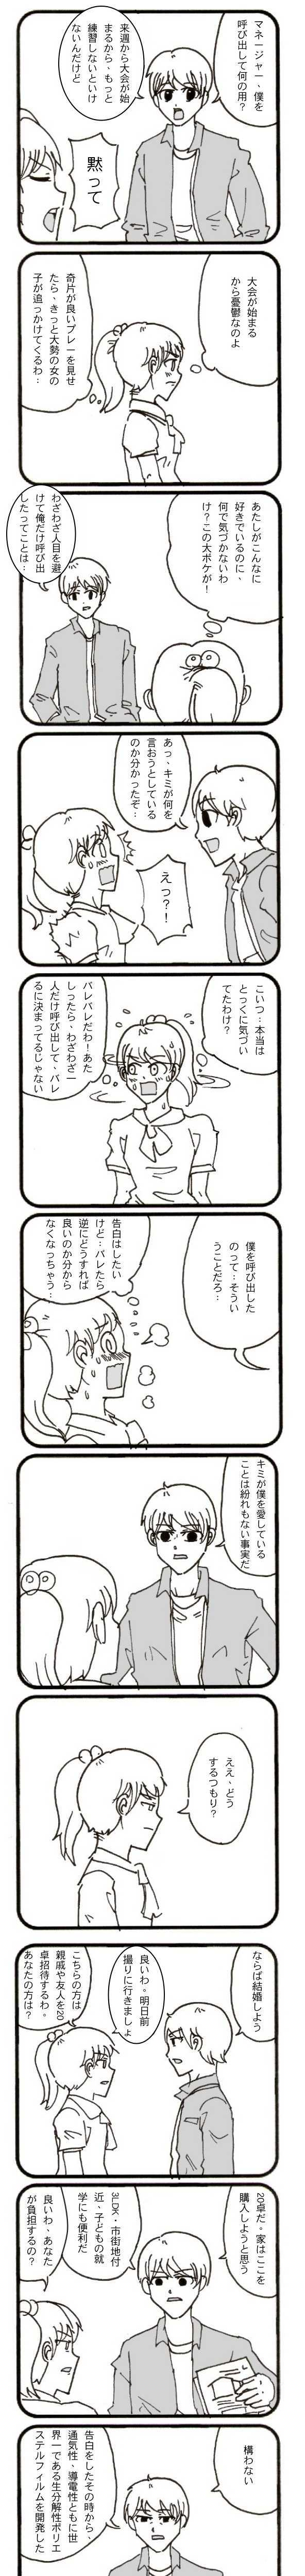 漫画-告白